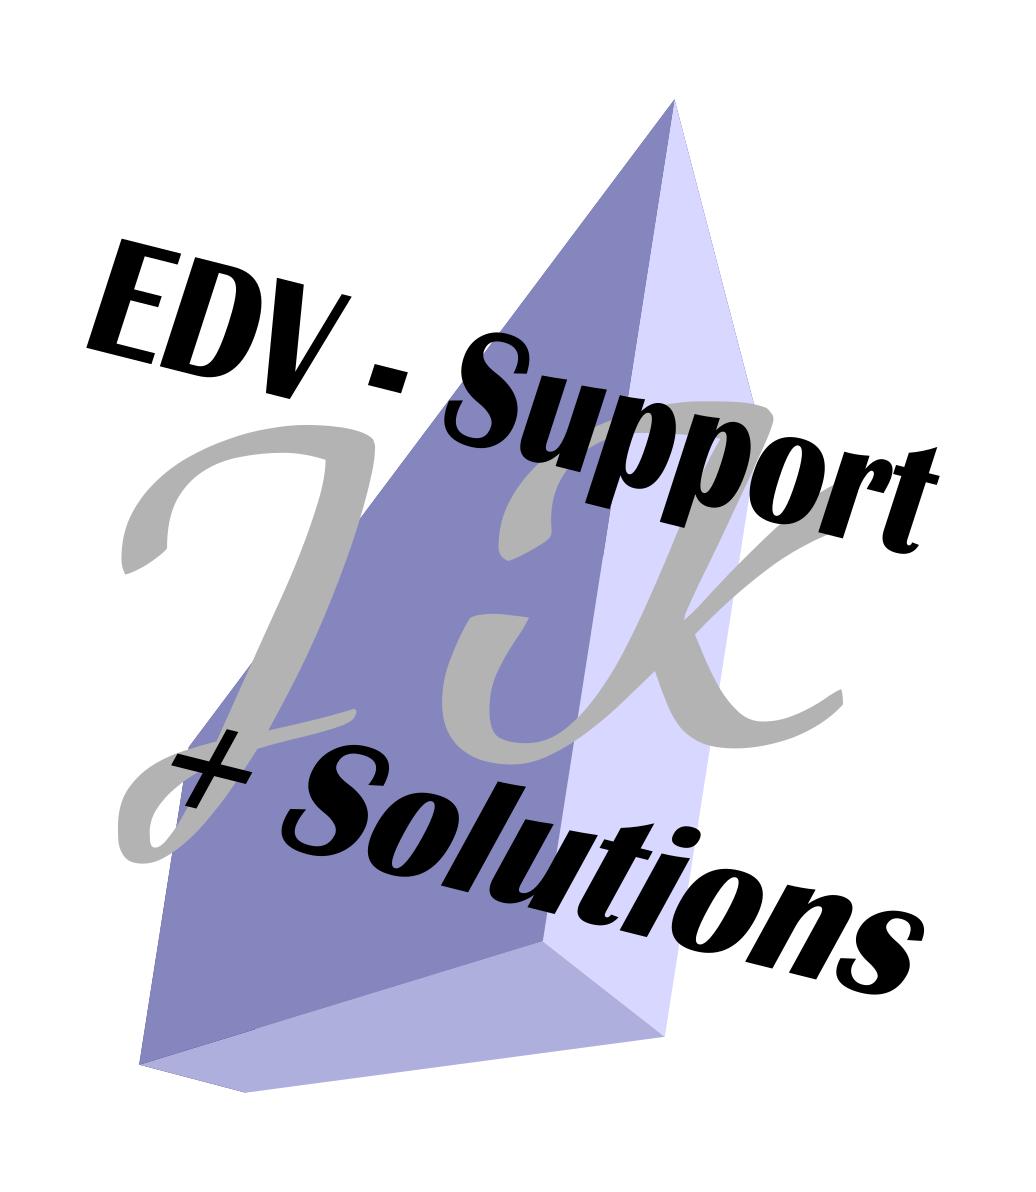 (c) Edv-support-kuemmel.de